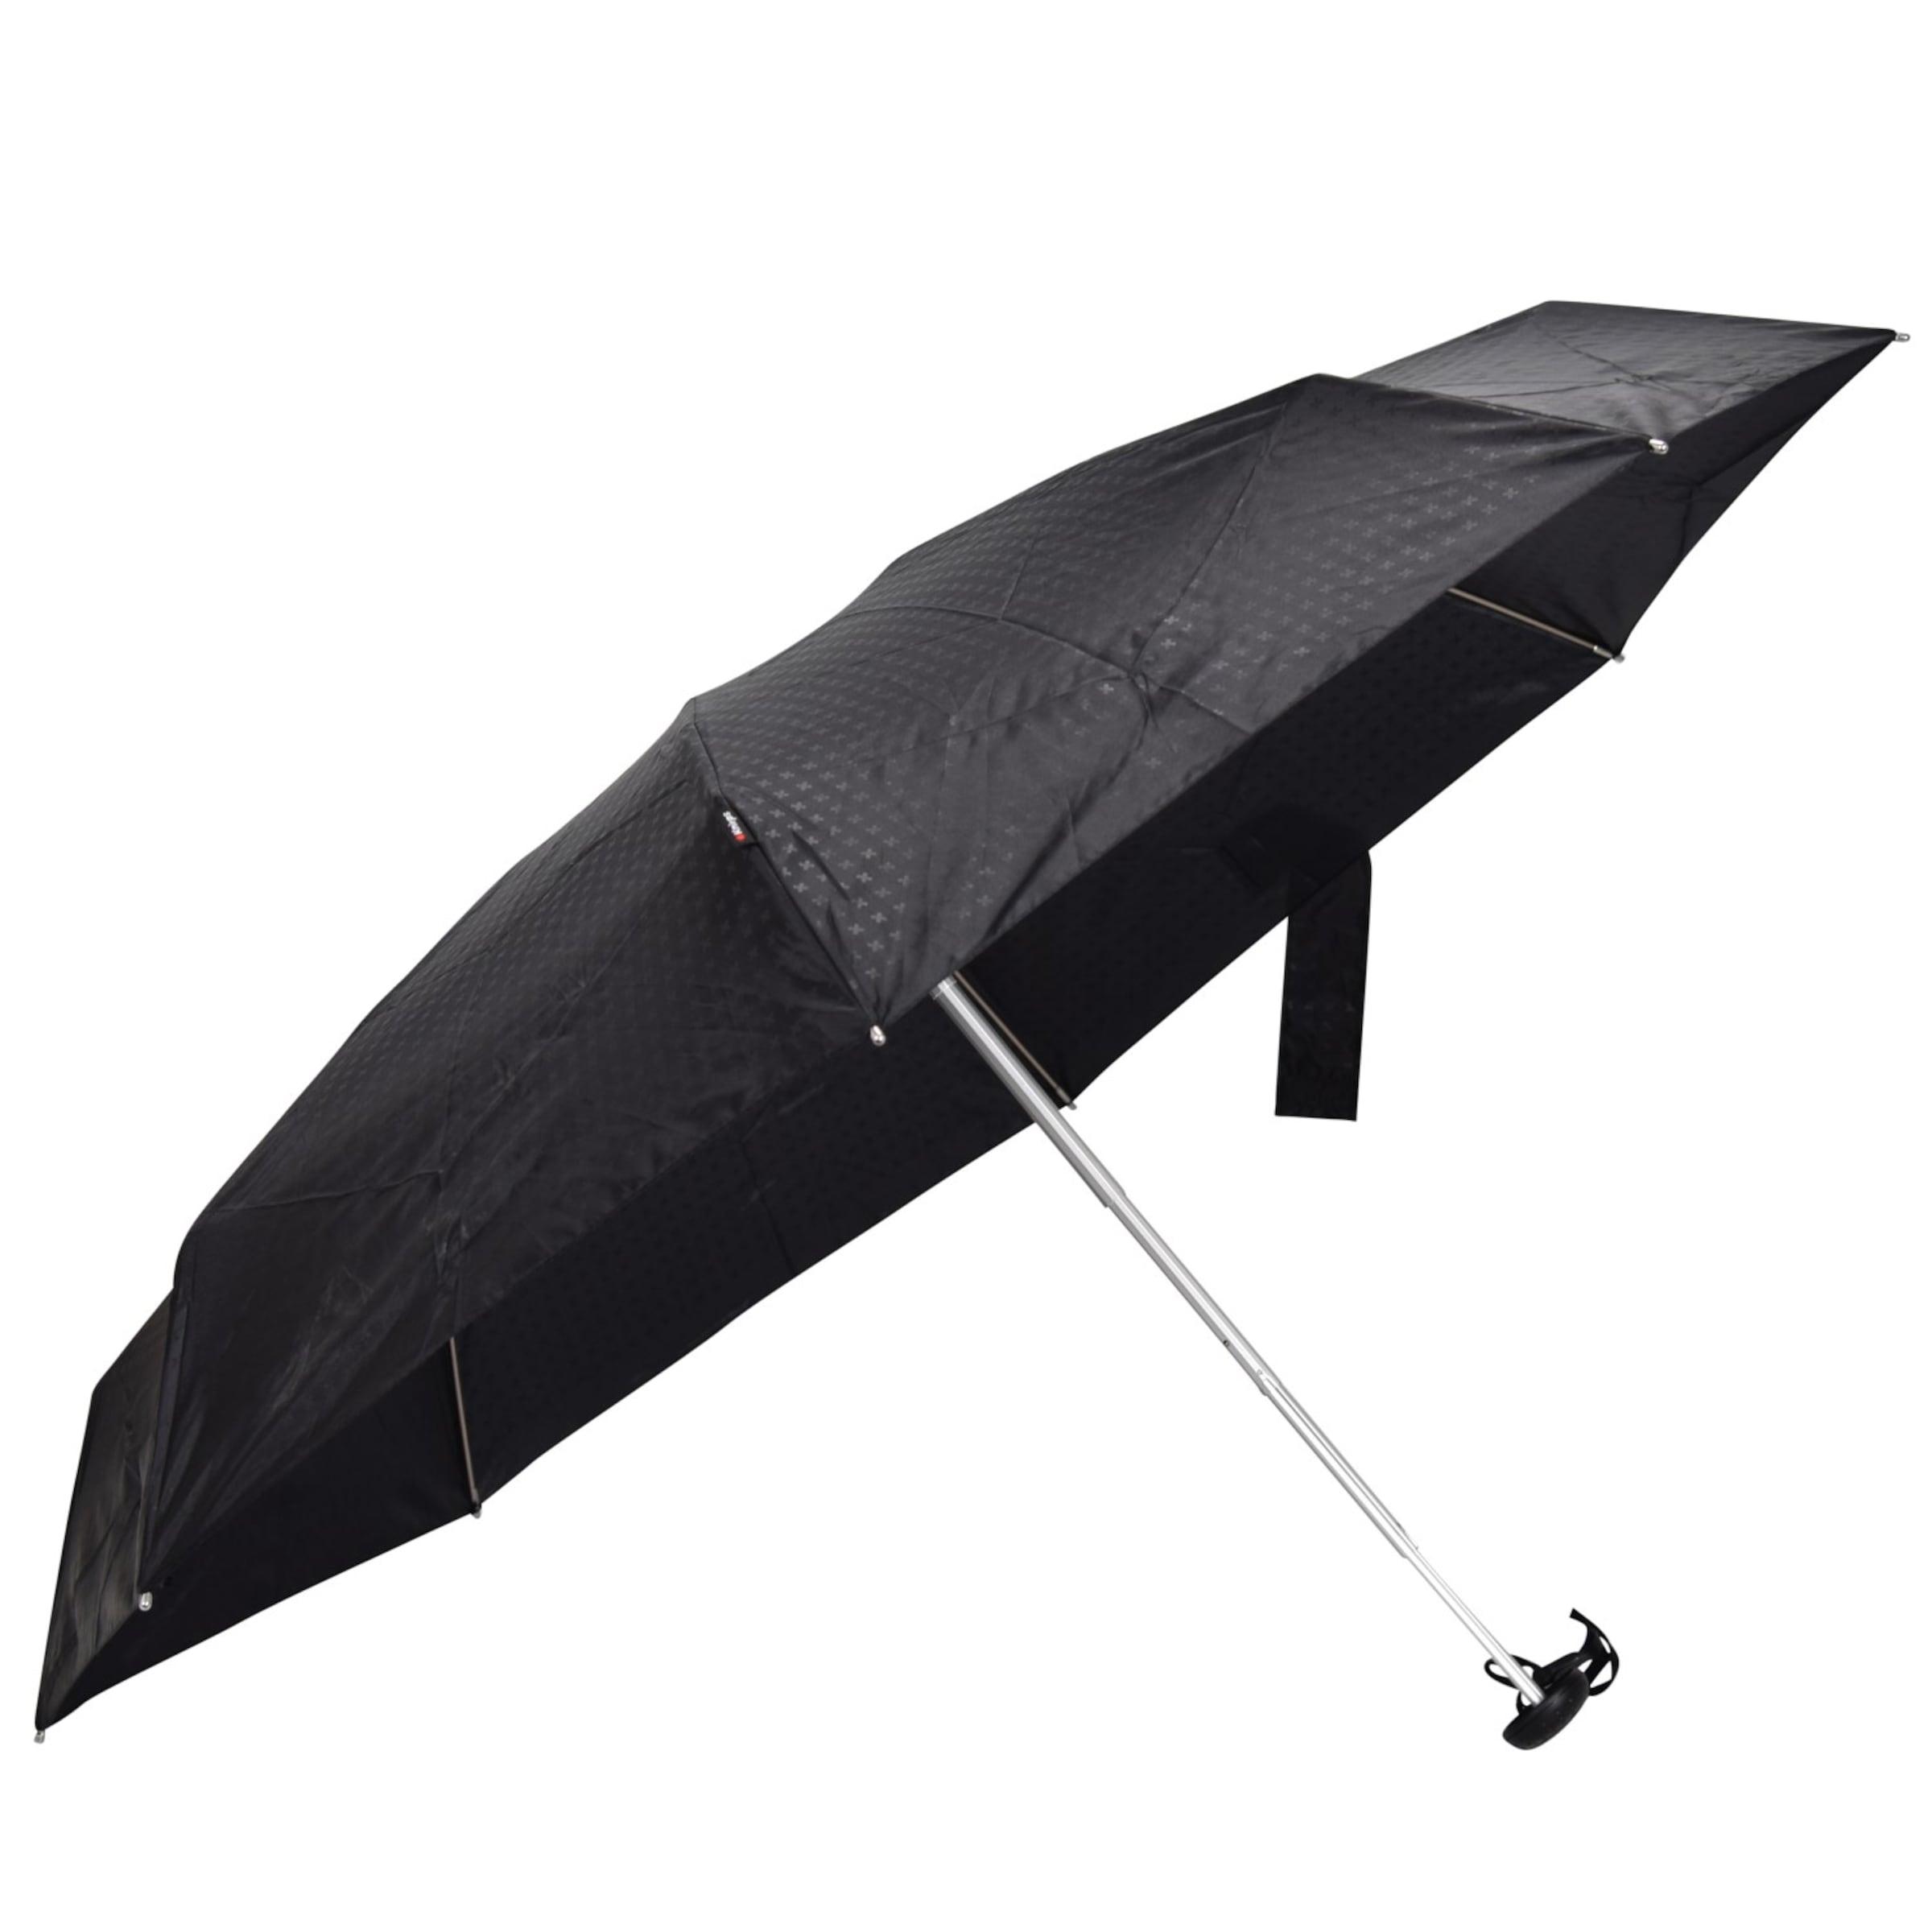 Noir 'manual En Knirps Parapluie X1' 76gybf